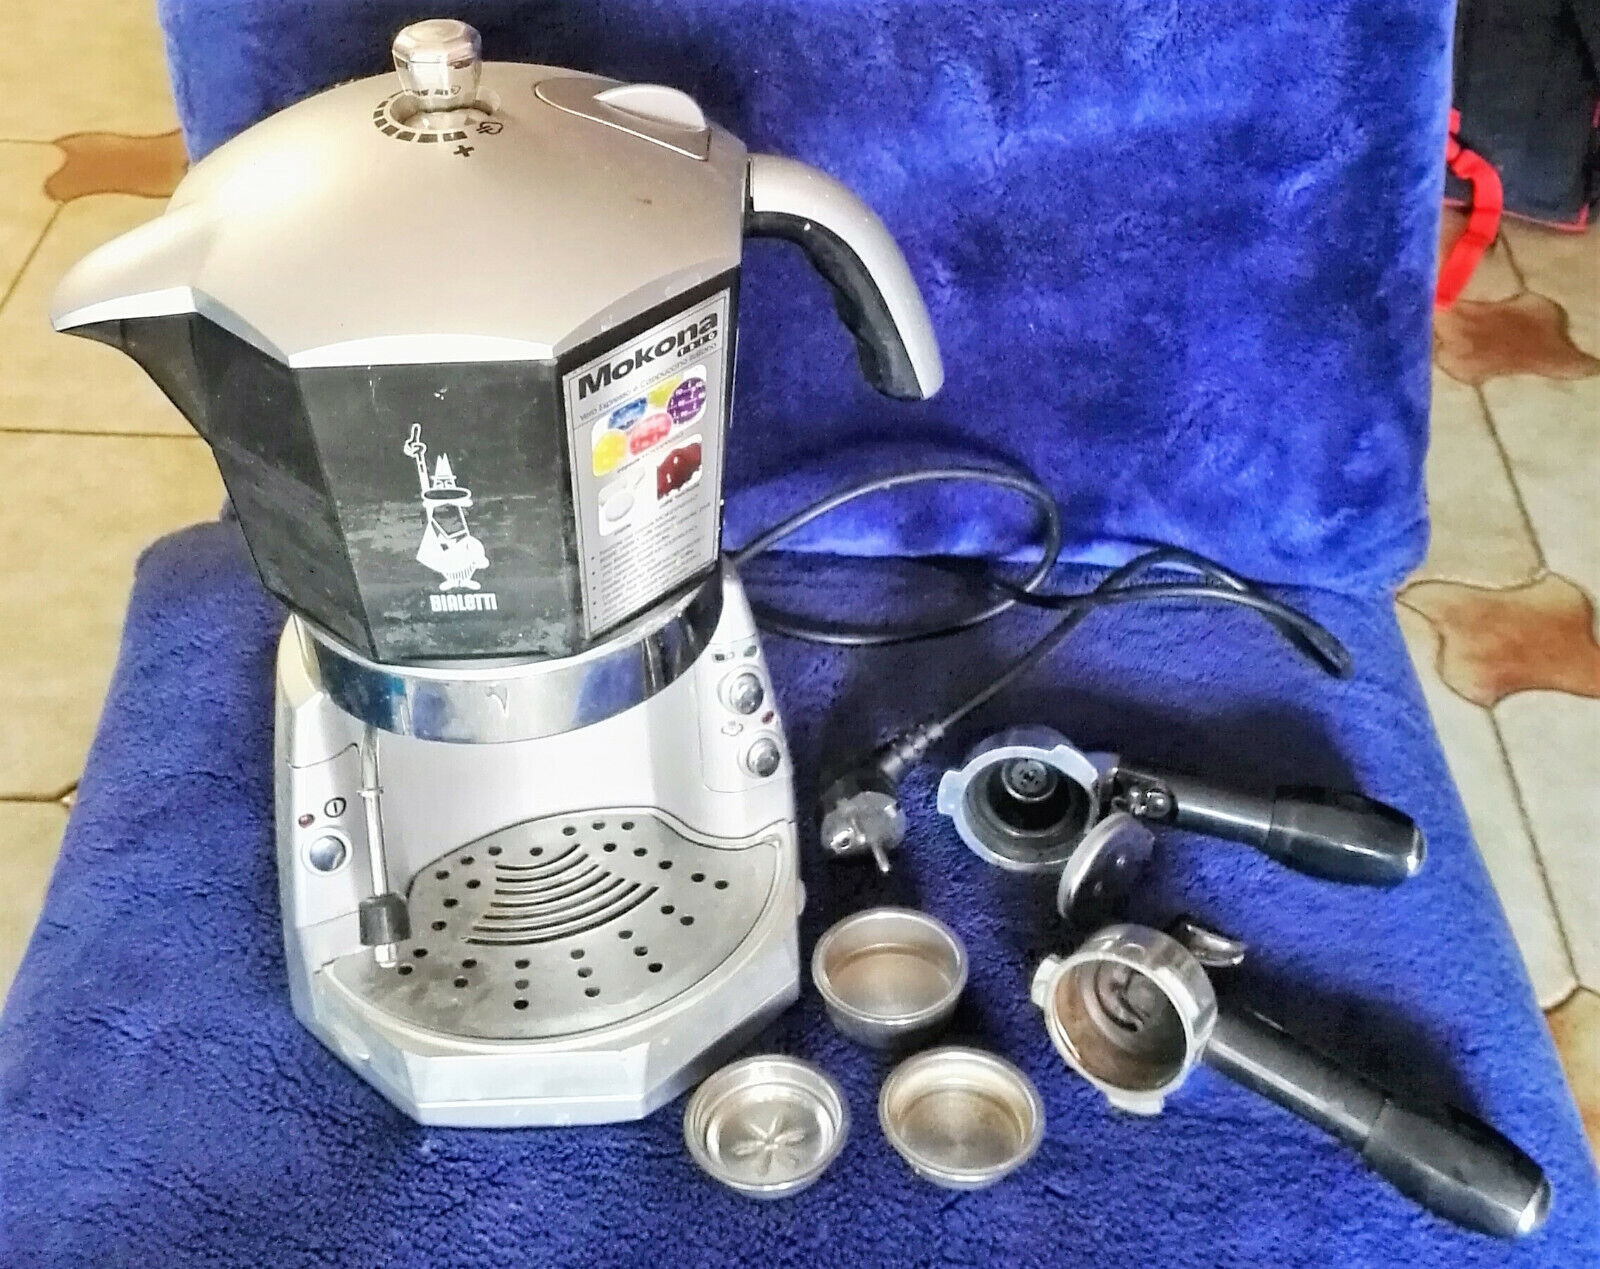 Macchina da caffe' Bialetti Mokona-TRIO:caffè-cappuccino-capsule